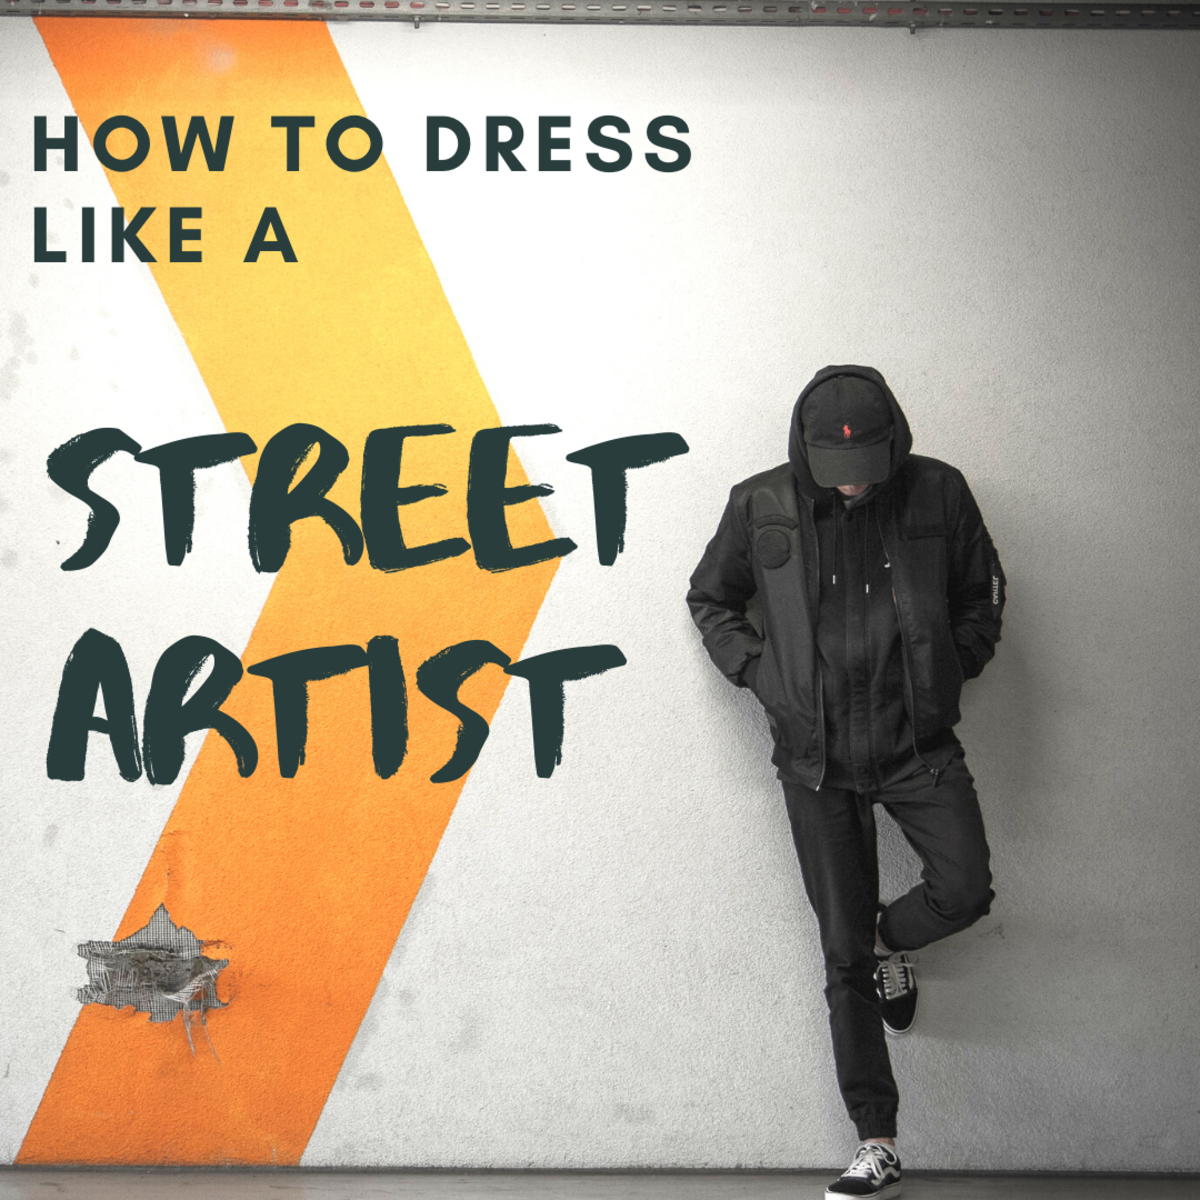 Graffiti Streetwear: How to Dress Like a Street Artist